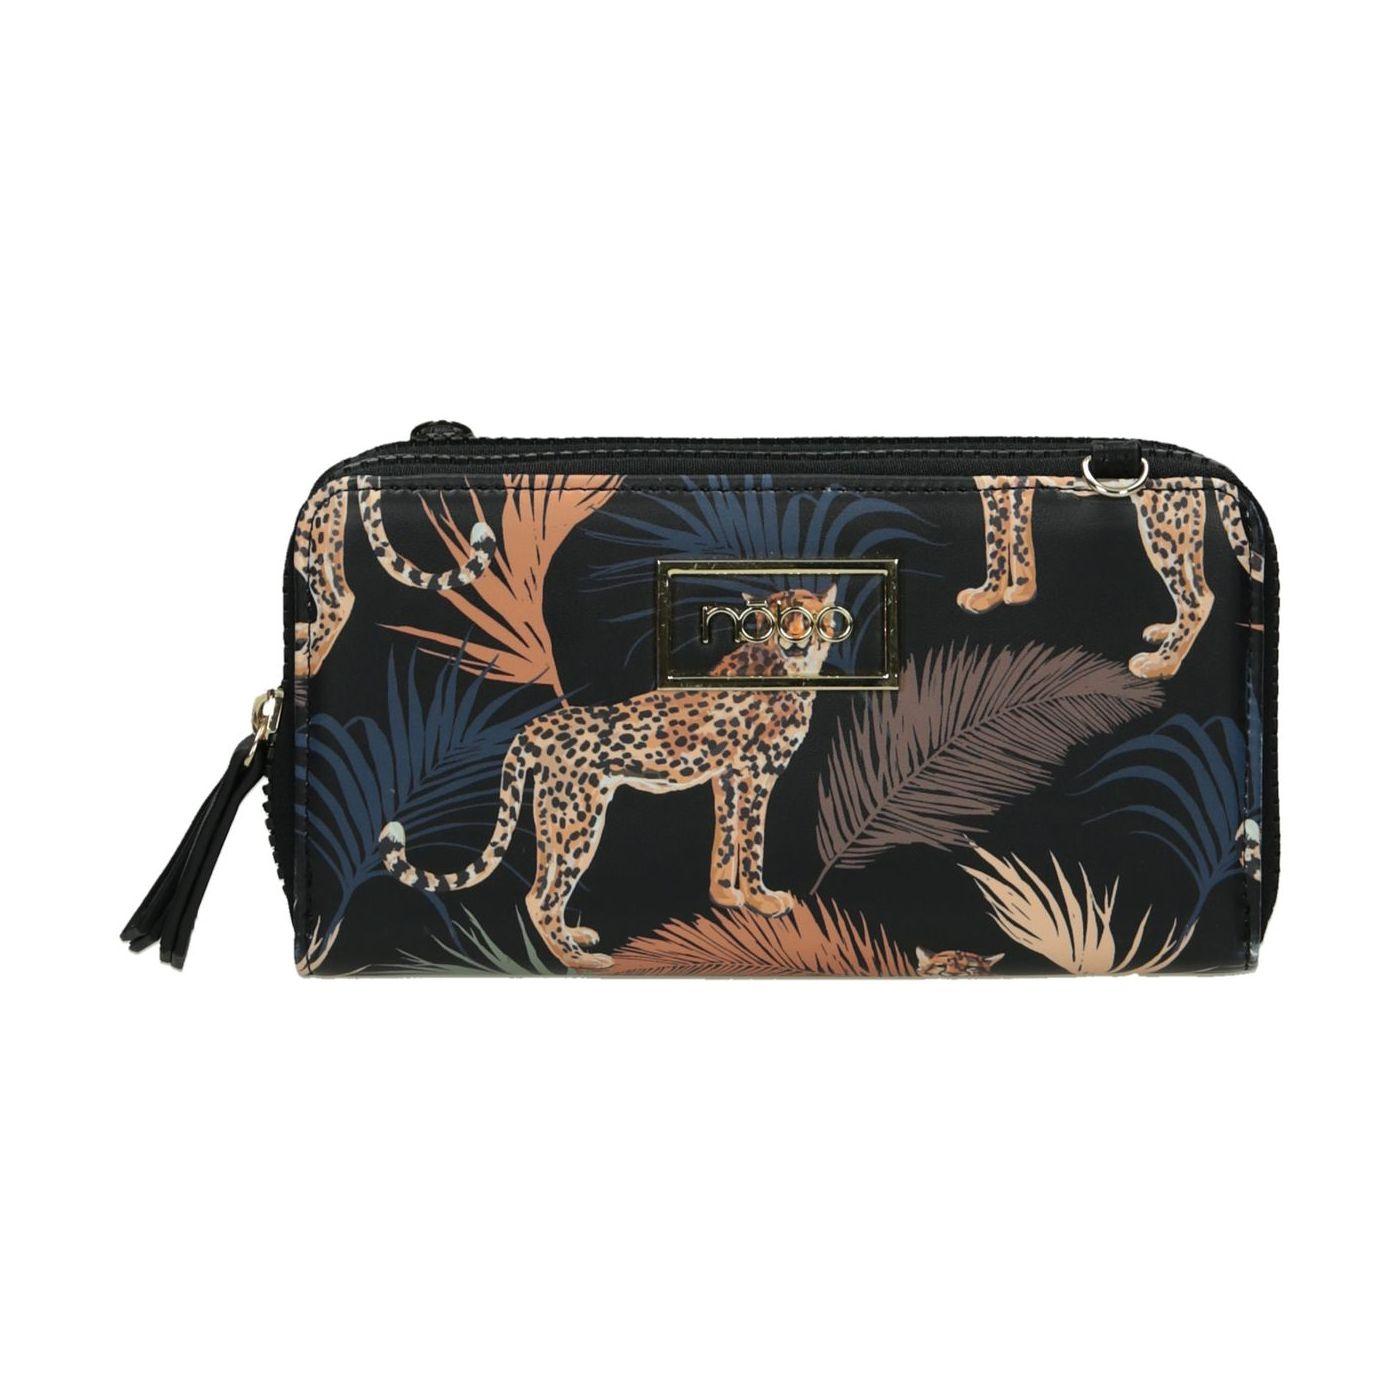 Nobo Woman's Bag NBAG-I3450-CM20